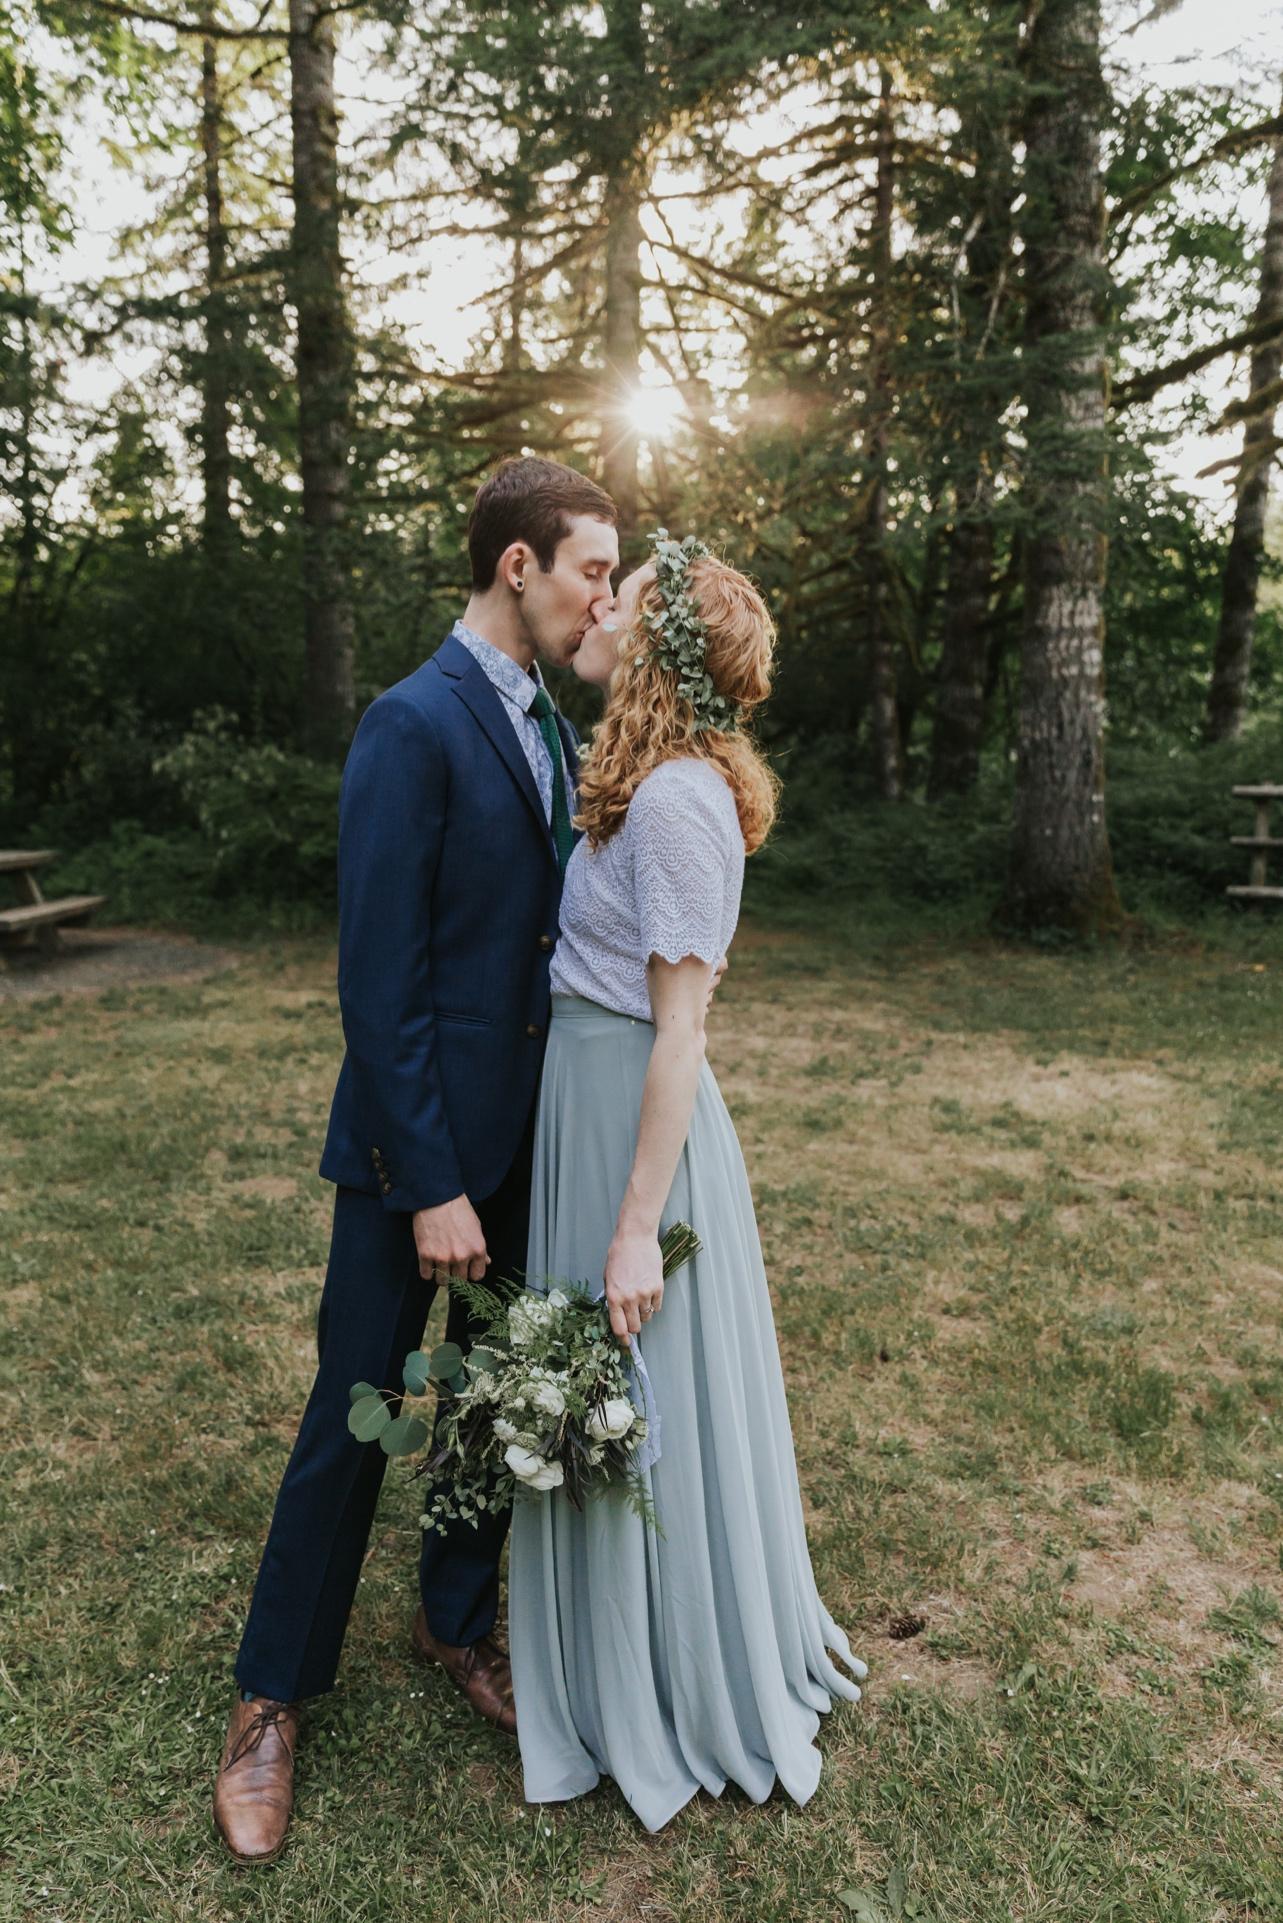 087_Ragan&Max-2545_Oregon_Forest_Smith_Wedding_Tillamook_Oregon-Forest-Wedding_Homestead_Tillamook-Forest-Wedding.jpg